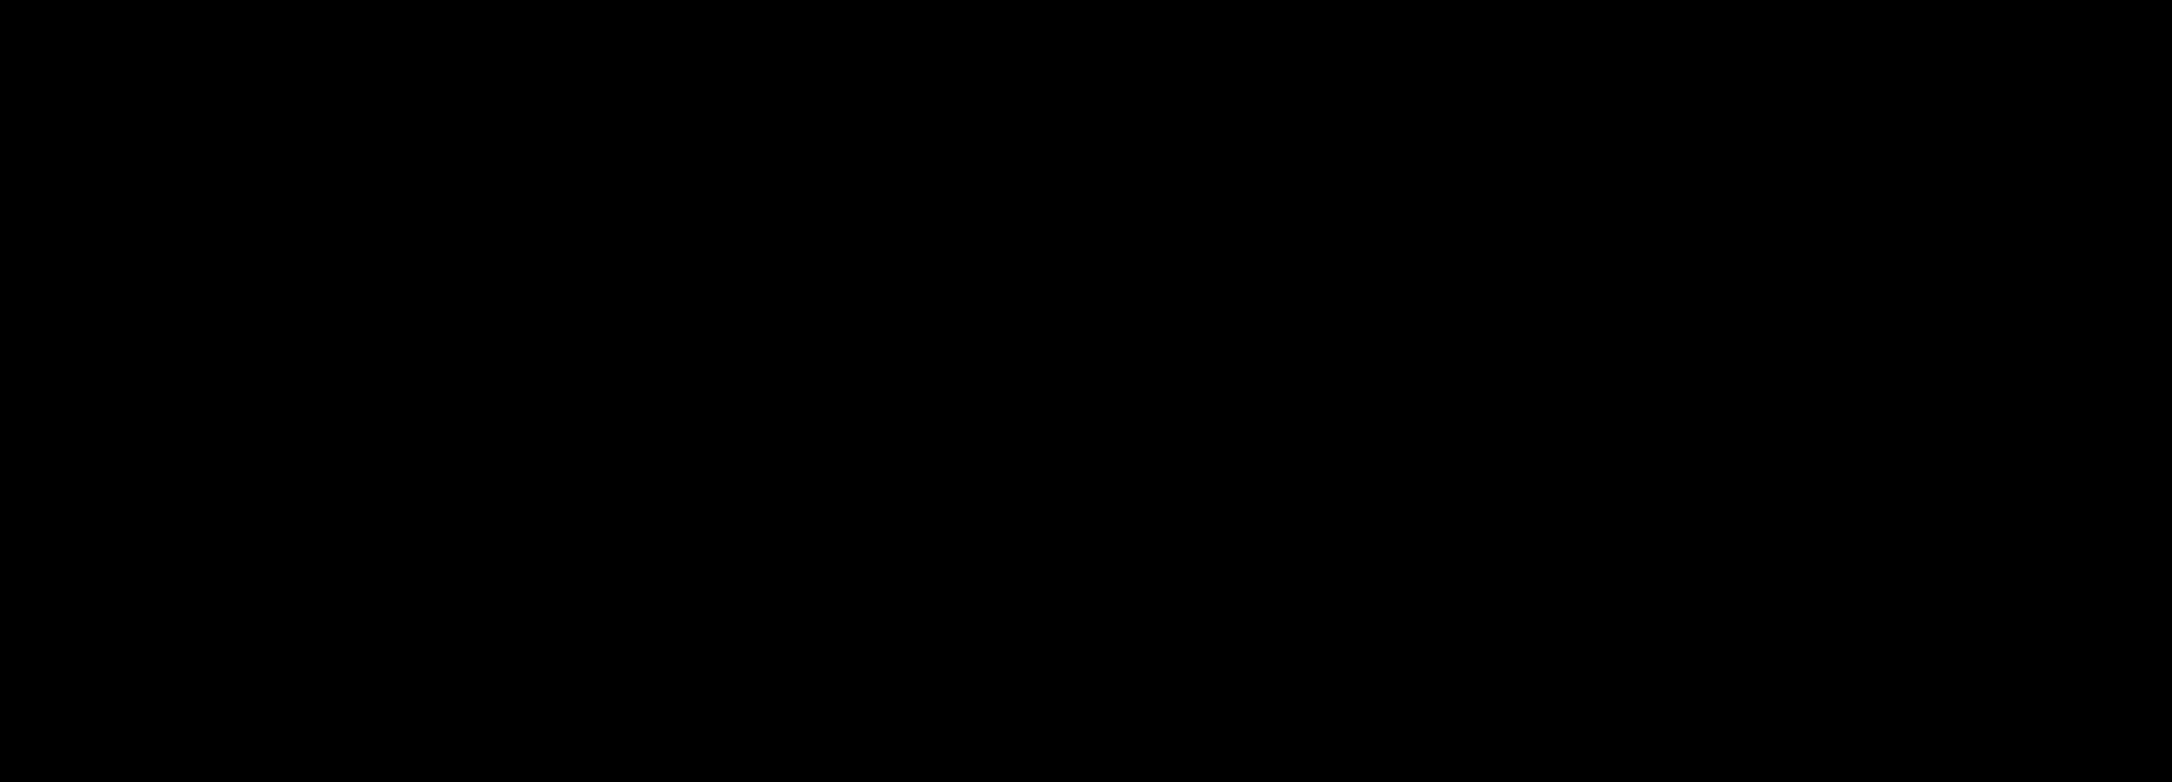 Fmoc-D-Lys(Biotin)-OH